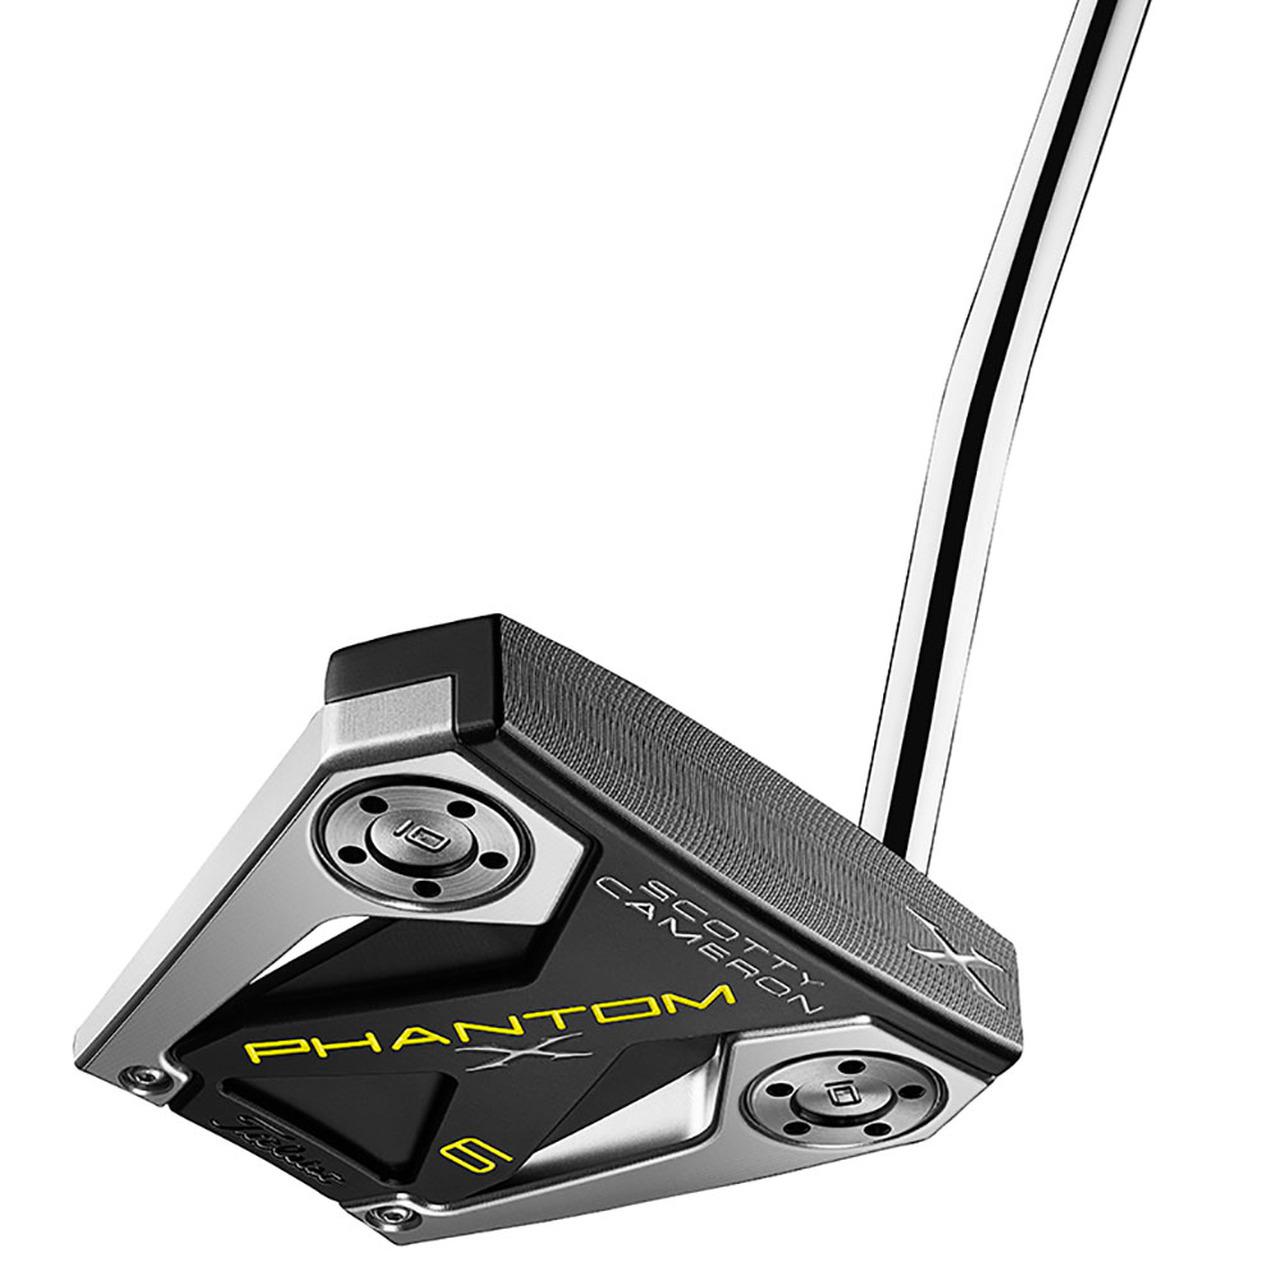 Gậy golf Titleist Phantom X6 chính hãng